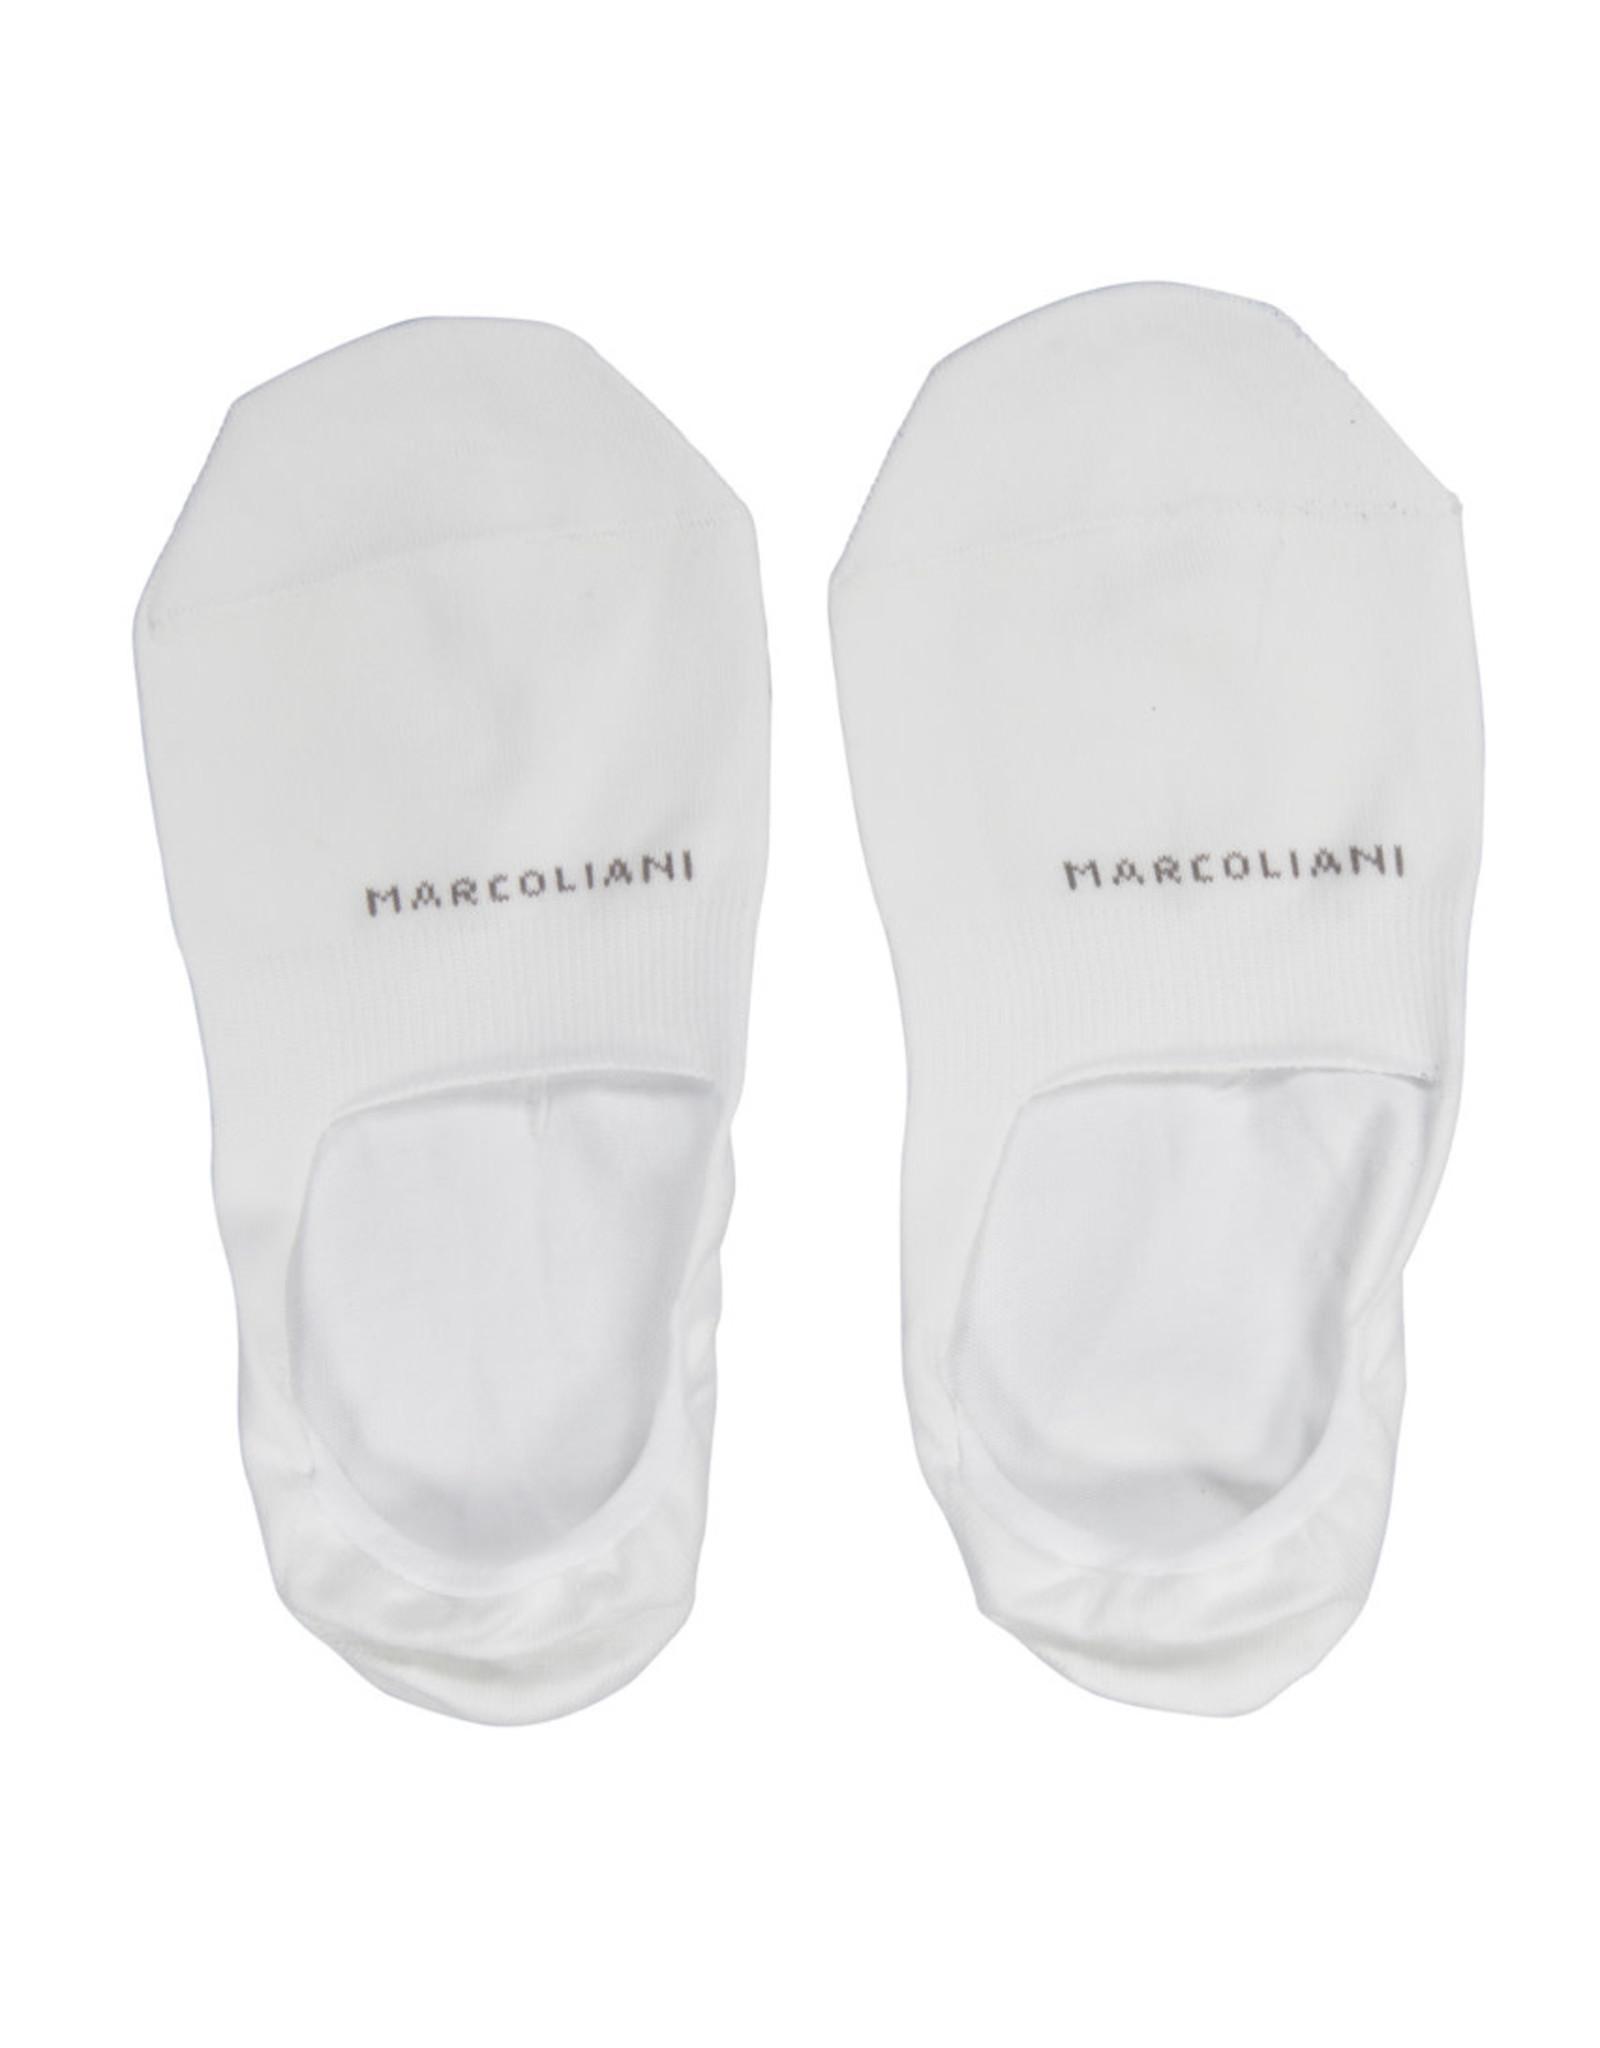 Marcoliani Marcoliani sokken wit Invisible 3310S/008